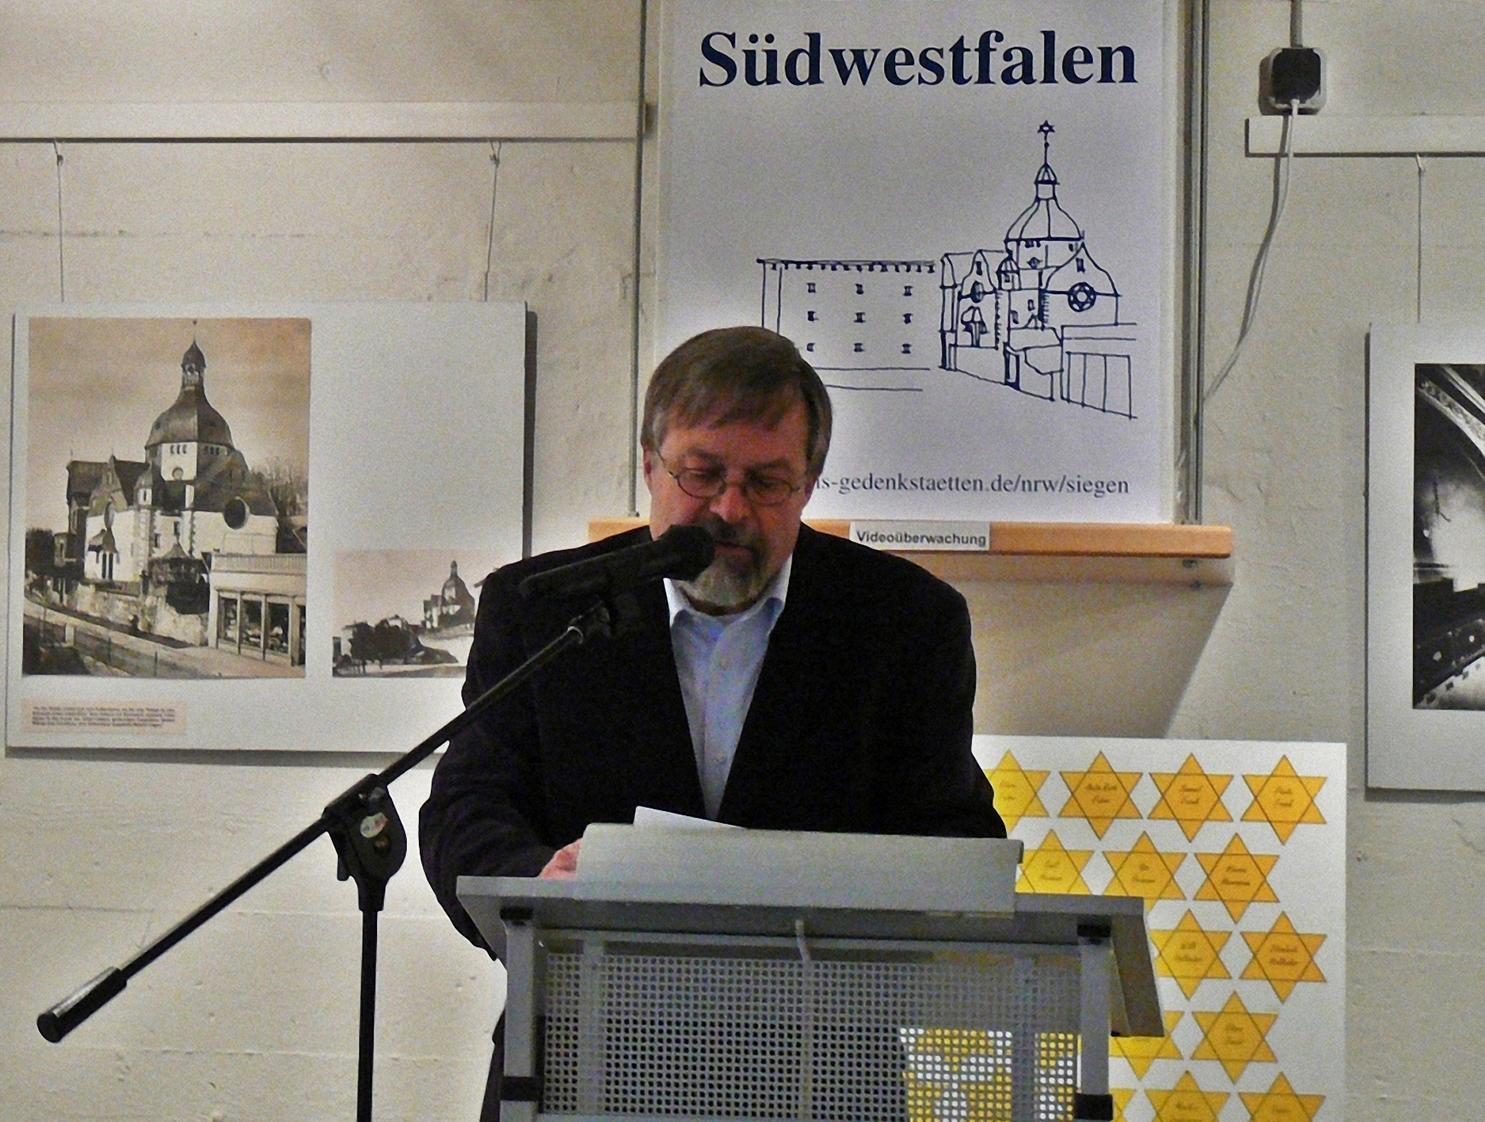 Ein Mann spricht an einem Pult in ein Mikrofon. Im Hintergrund Ausstellungstafeln.